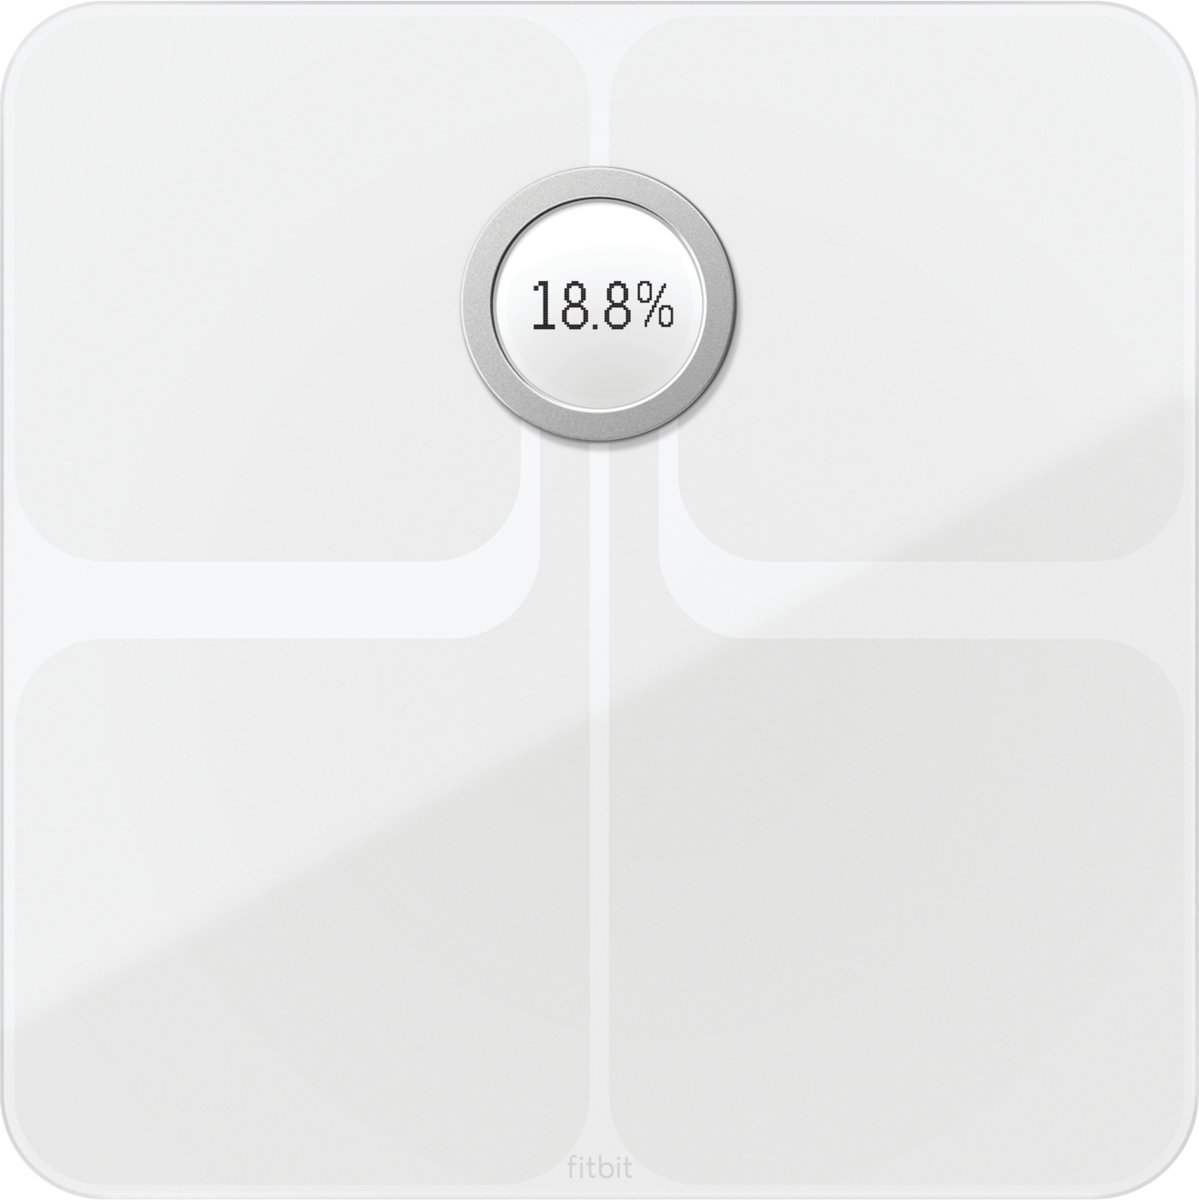 Fitbit Aria 2 - Personenweegschaal WiFi - Wit